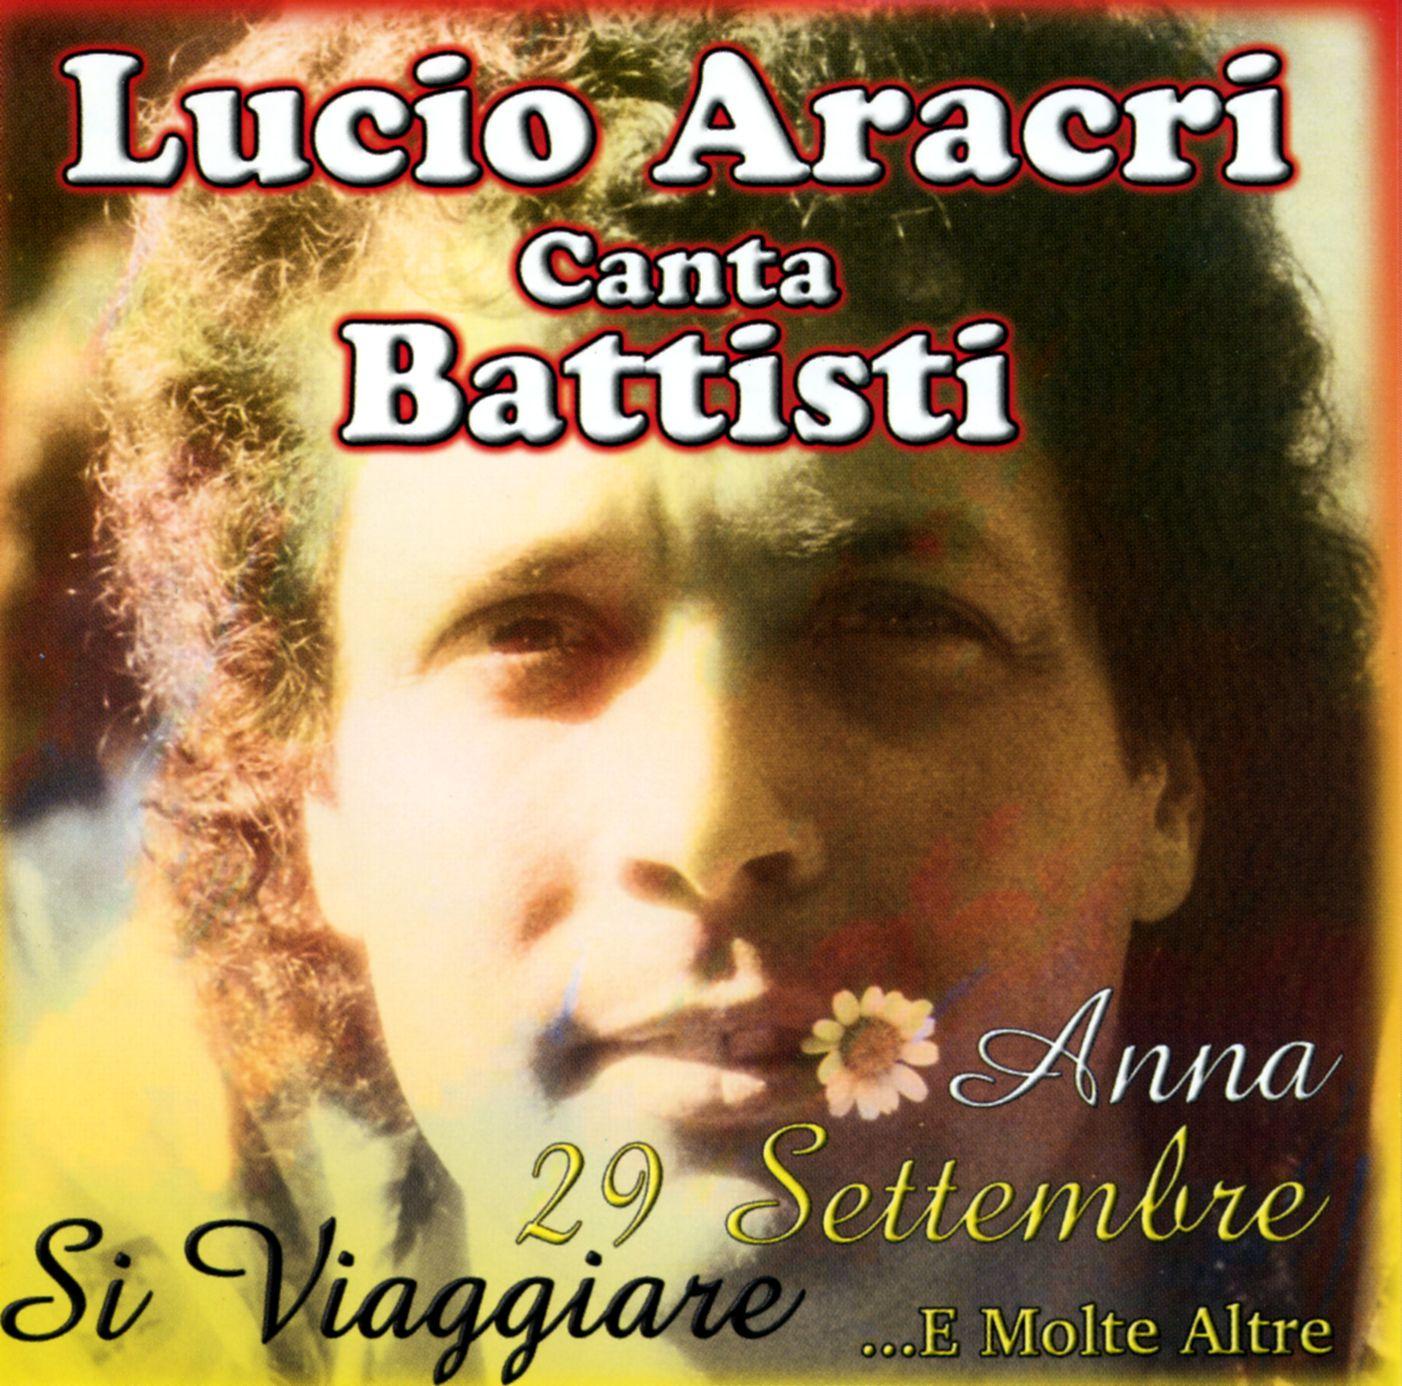 Lucio Aracri Copertina Nuova